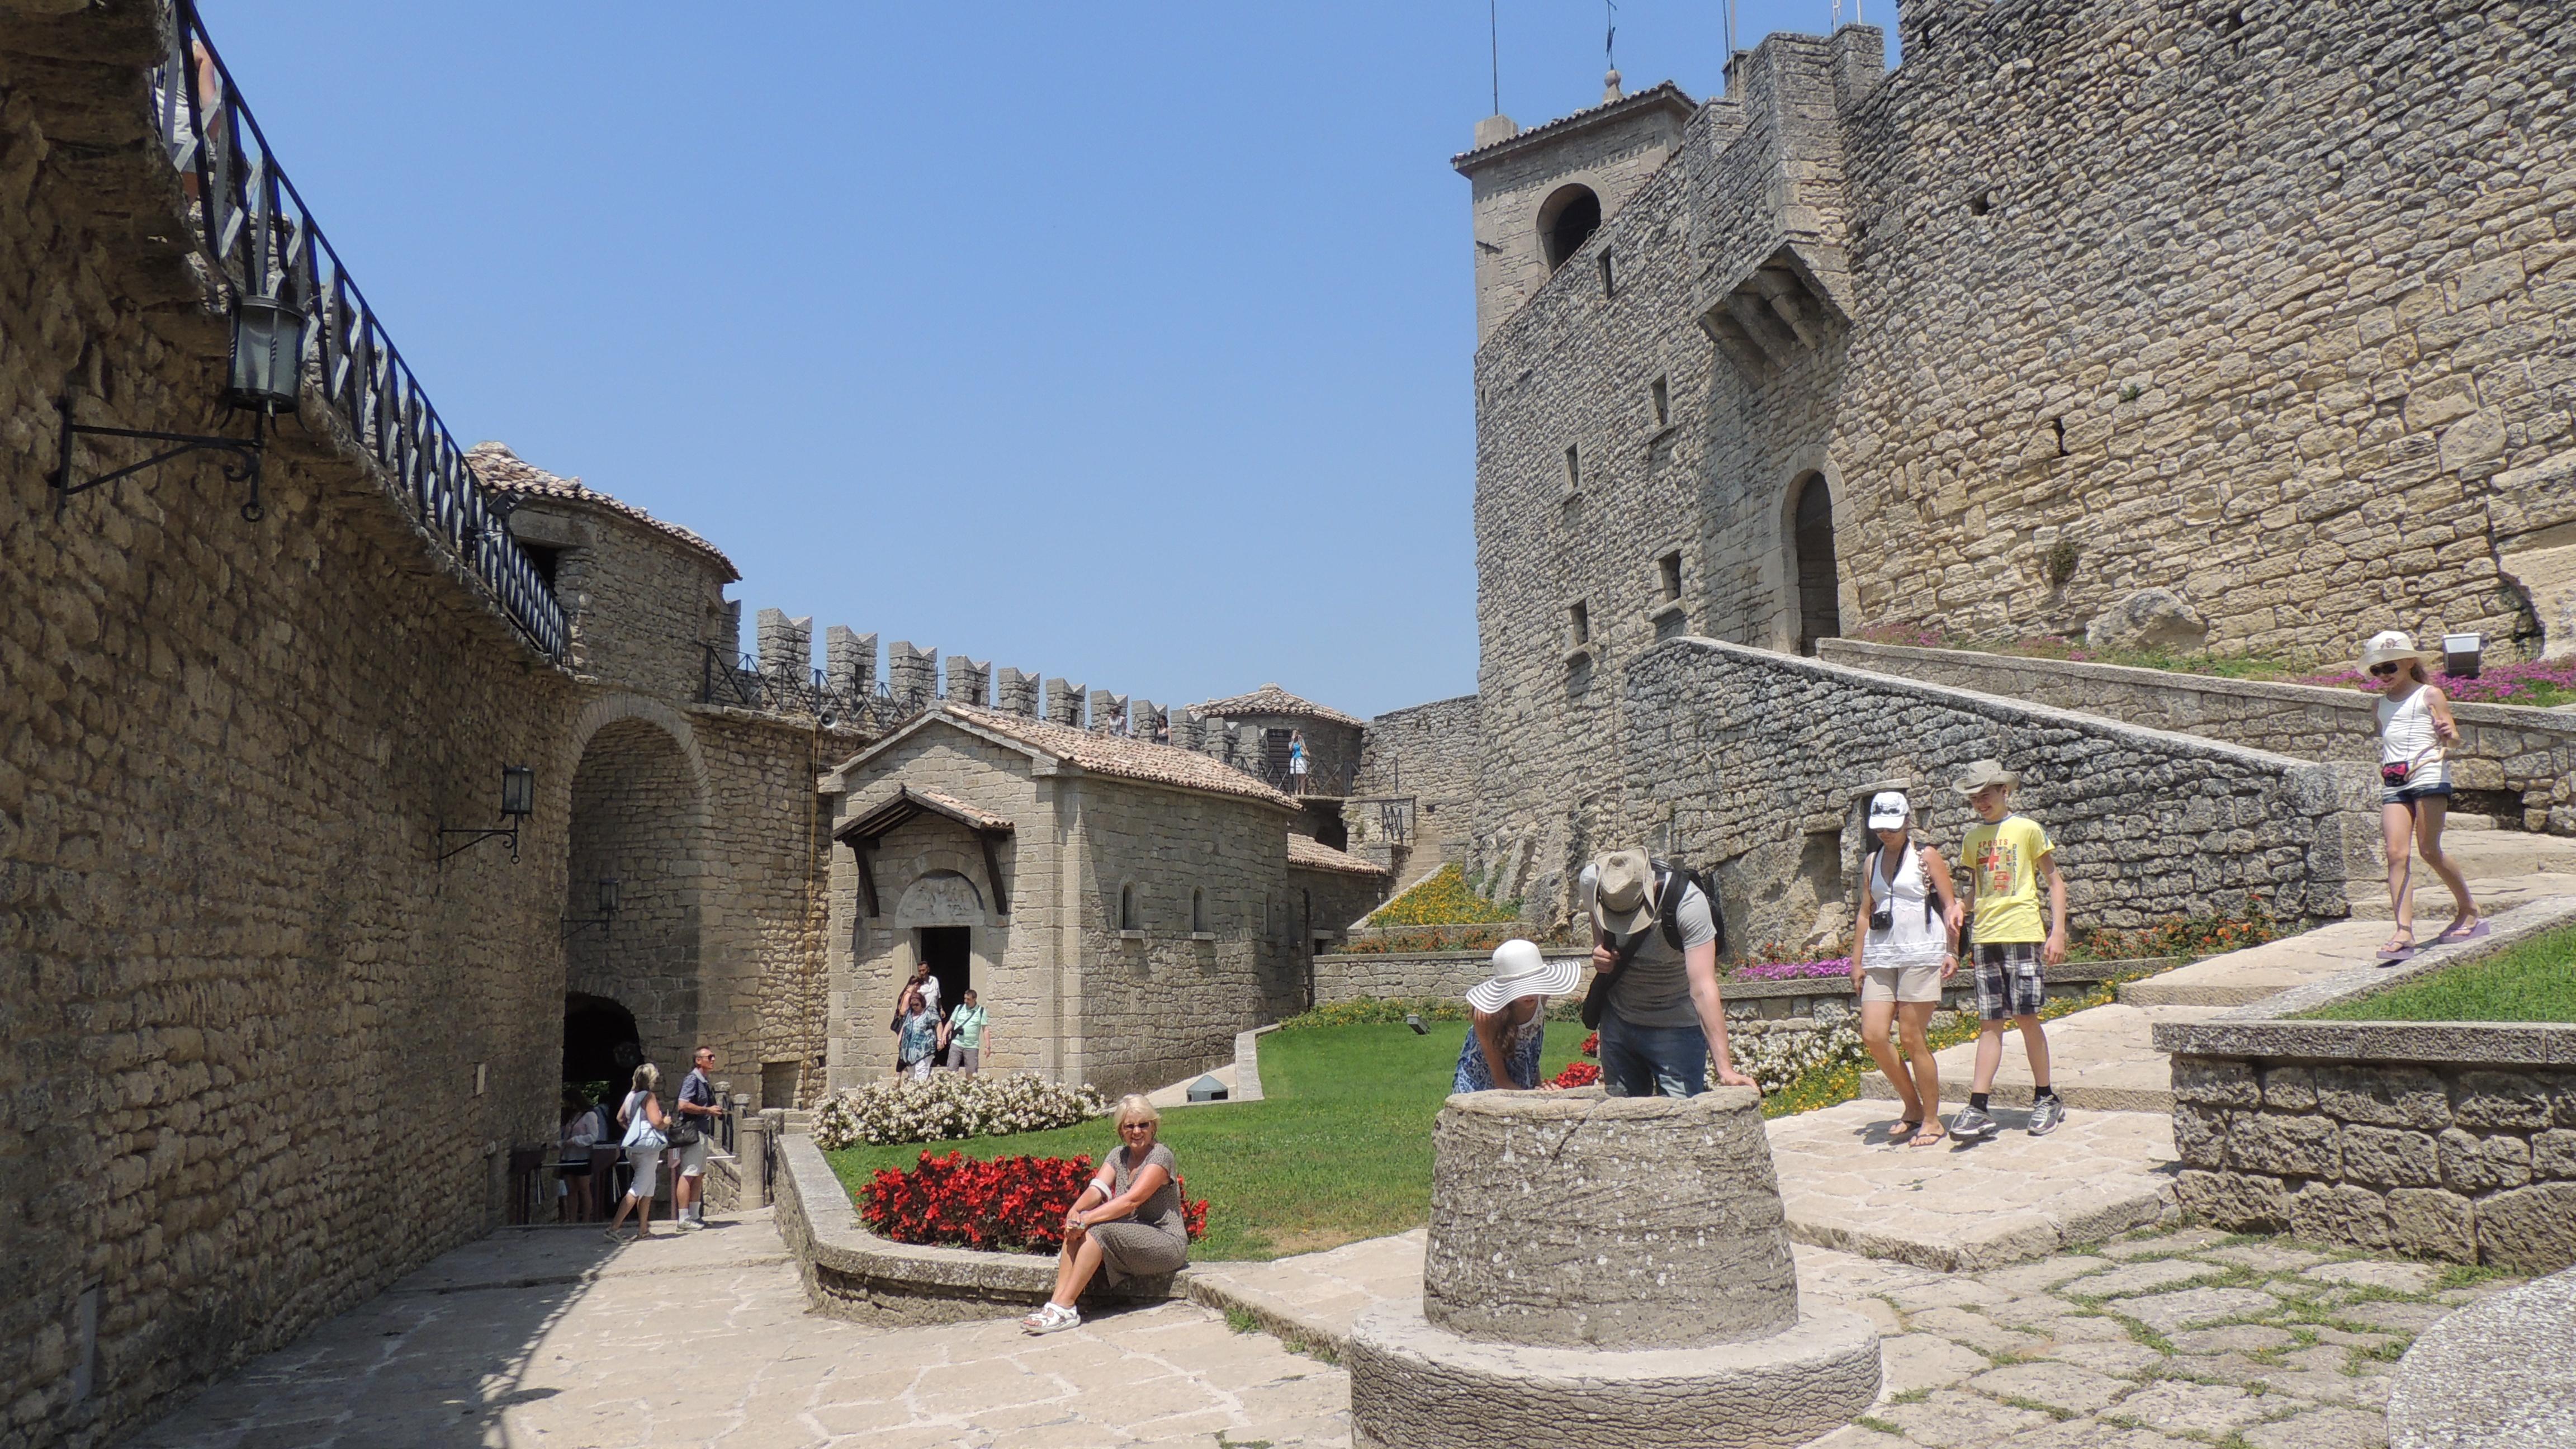 San marino sehensw rdigkeiten fotos kostenlos free pictures - Mobilifici san marino ...